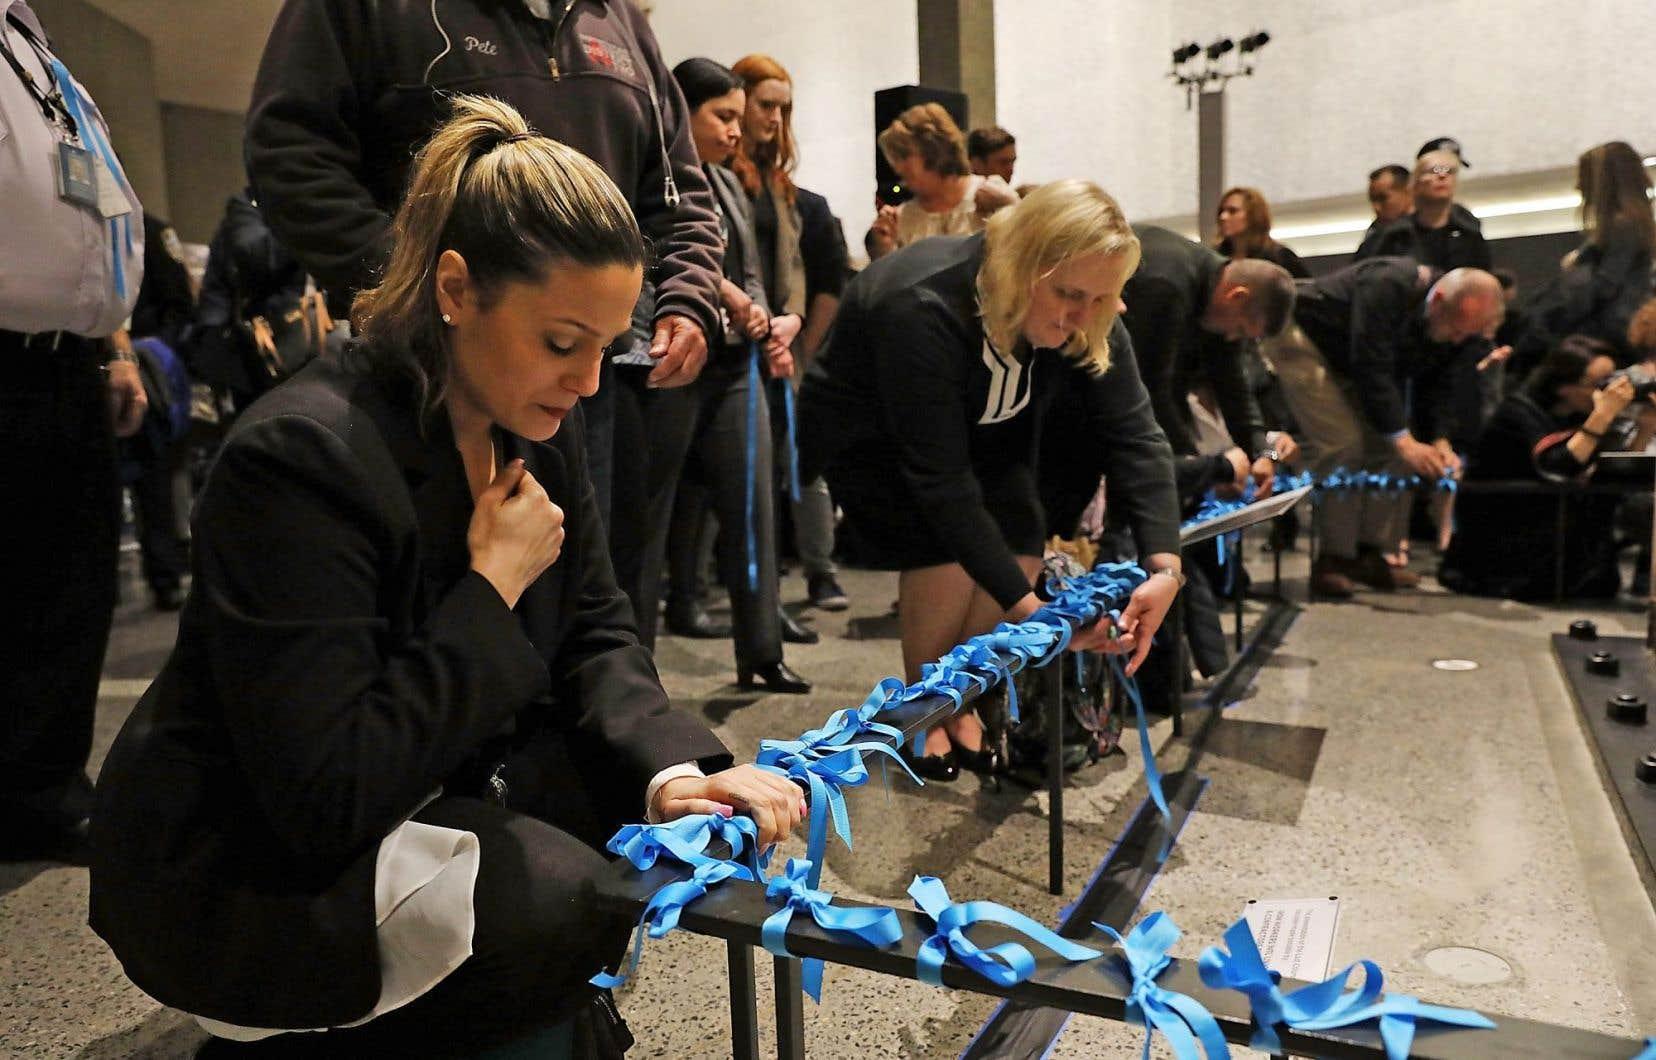 En mai, une cérémonie s'est déroulée à Ground Zero pour souligner les quinze ans de la fin des neuf mois de recherches qui ont suivi la tragédie.